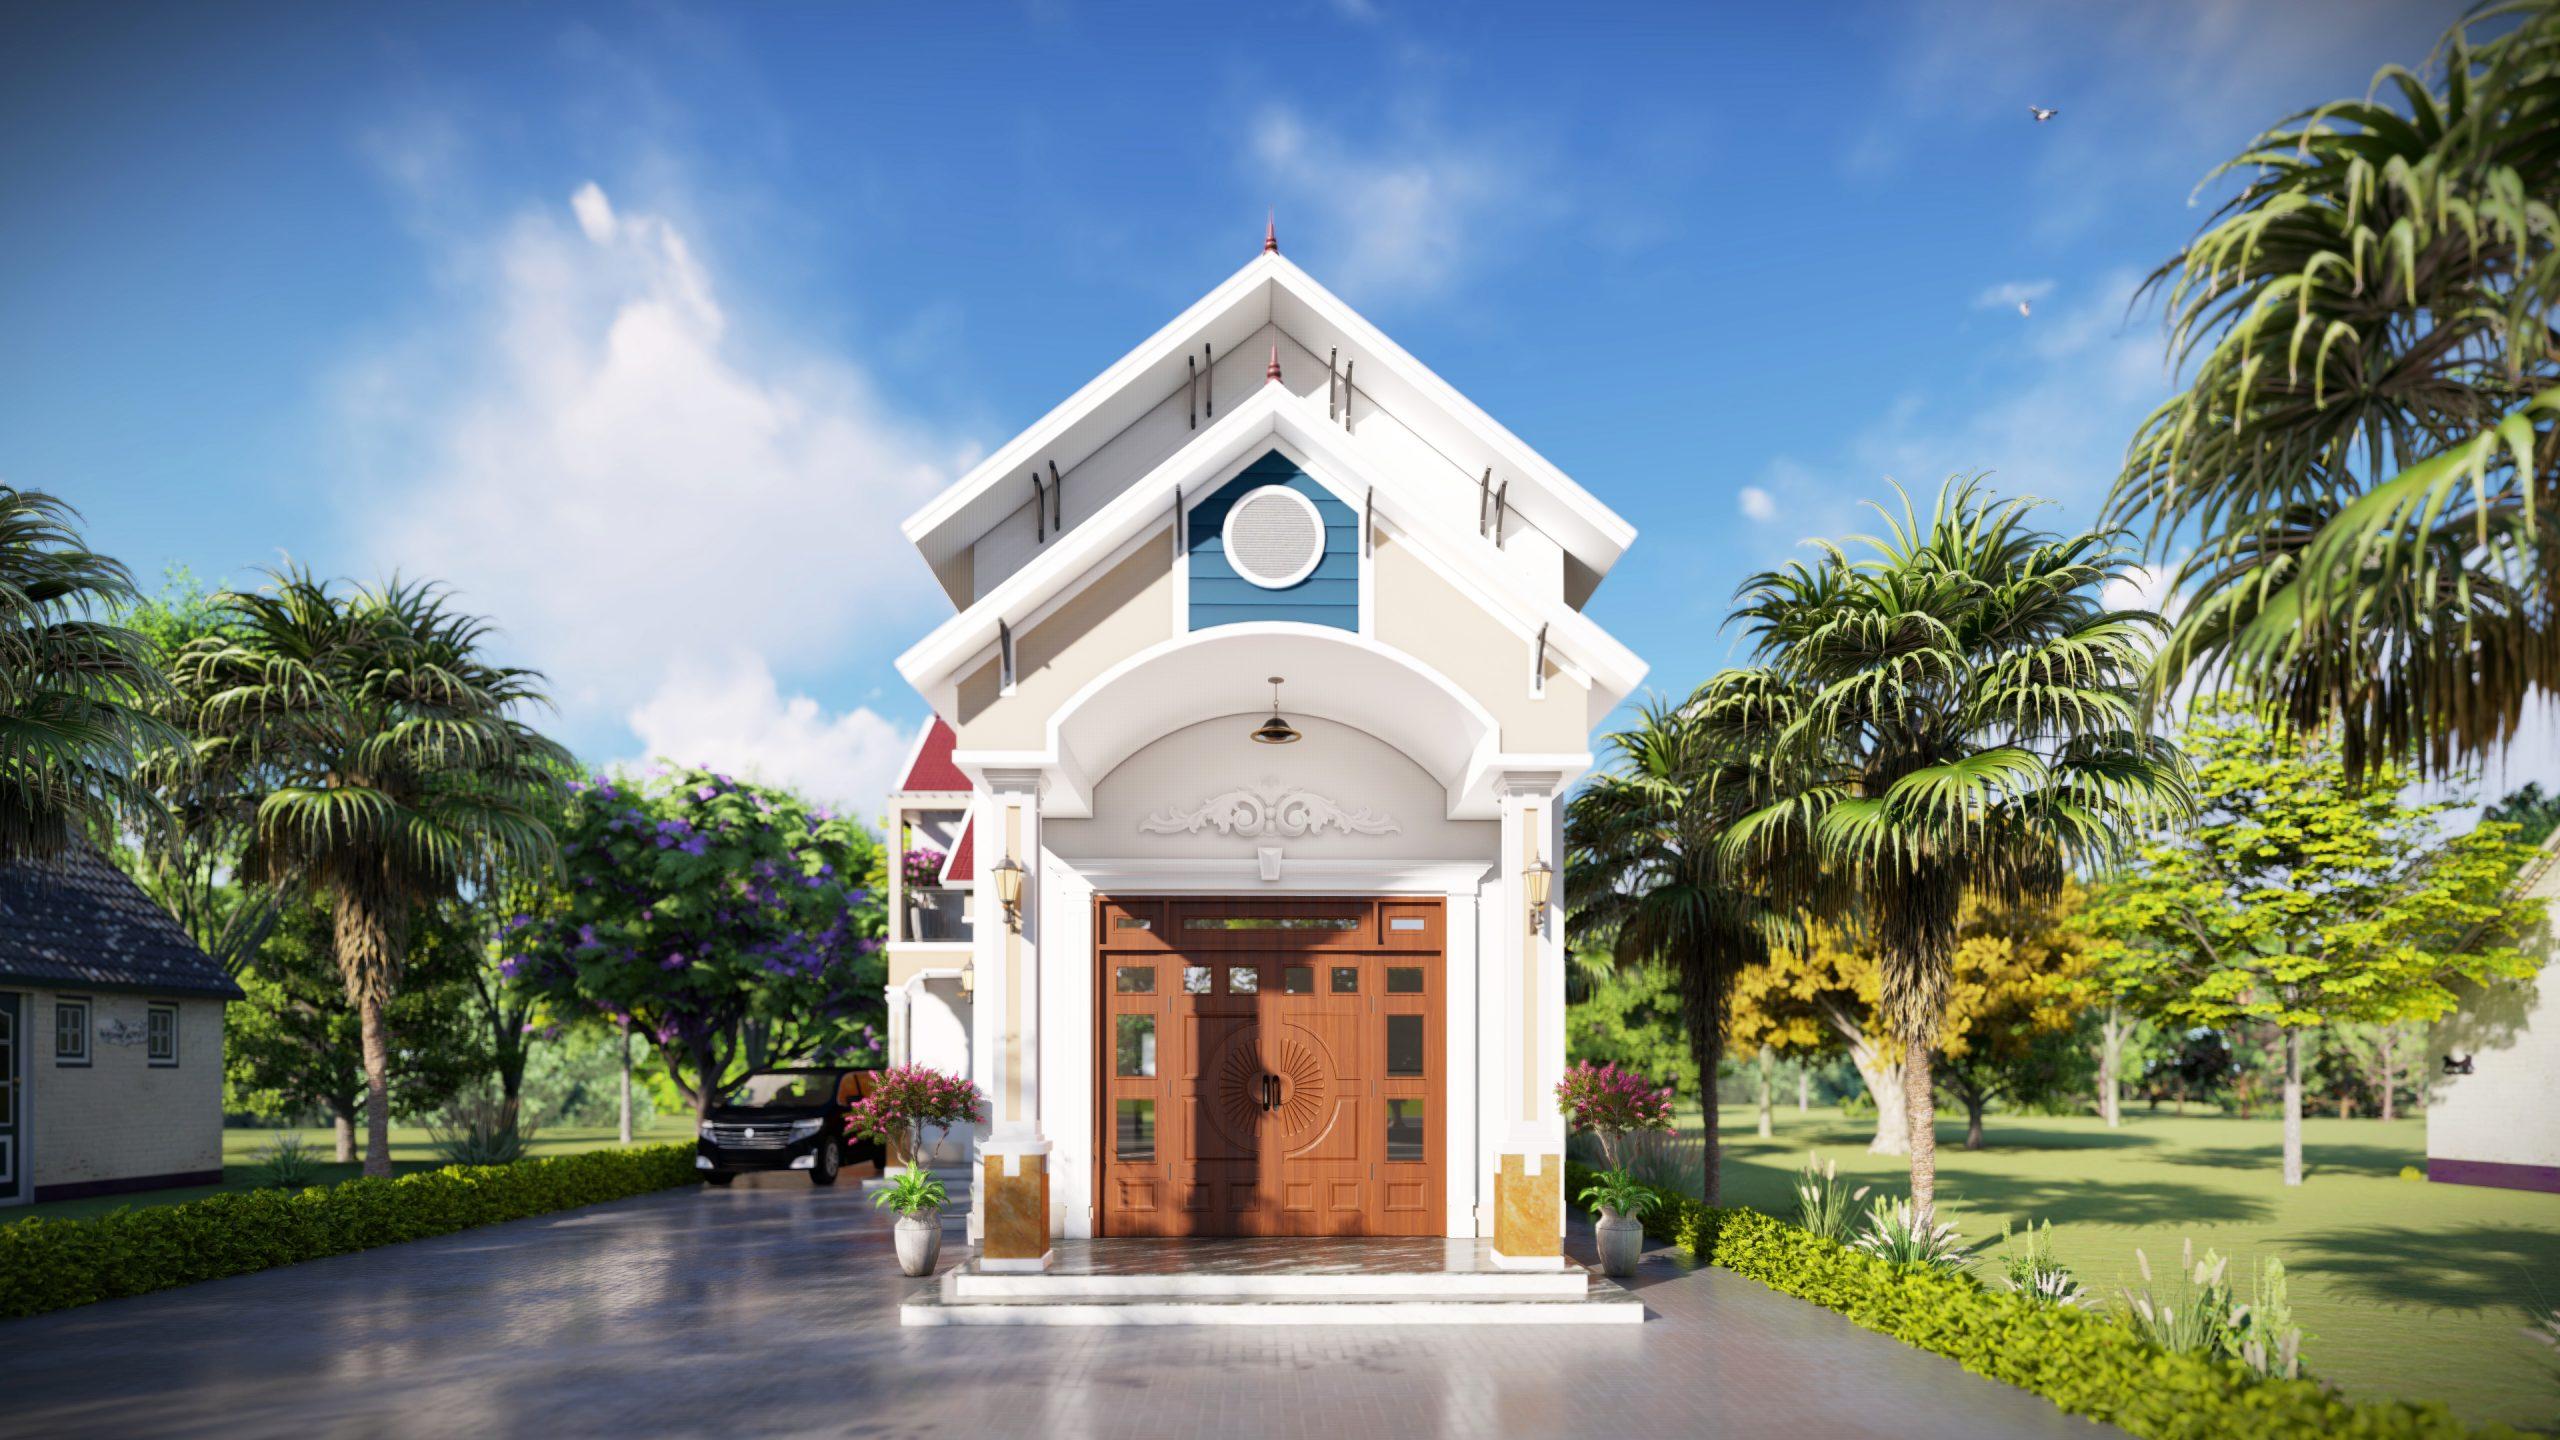 Nhà thầu xây dựng uy tín tại Trà Bồng